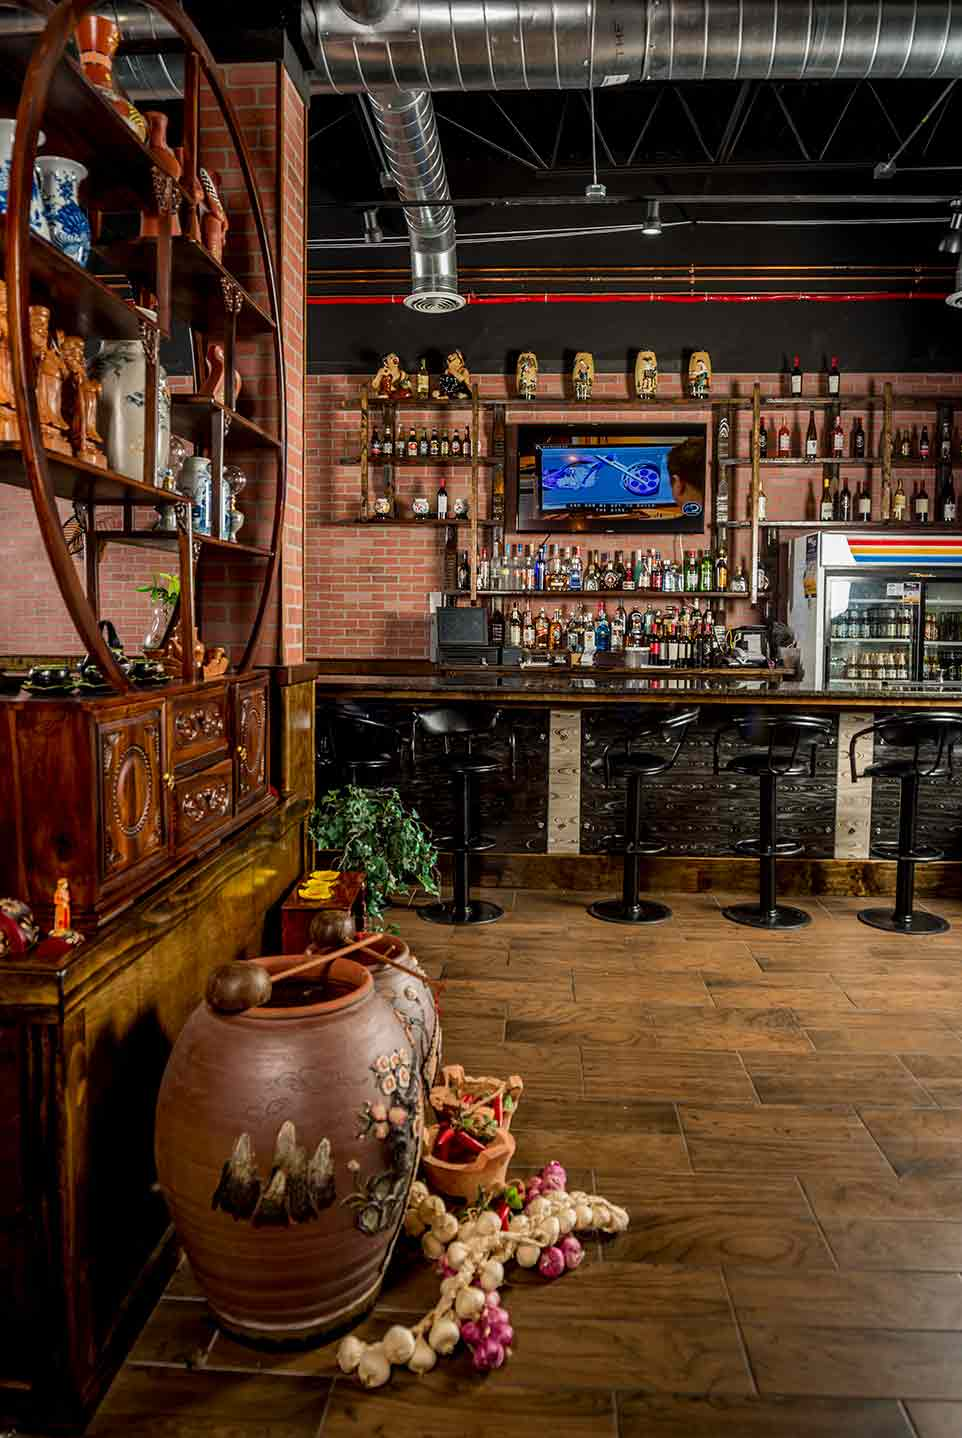 Photos show interior of a Vienamese restaurant.